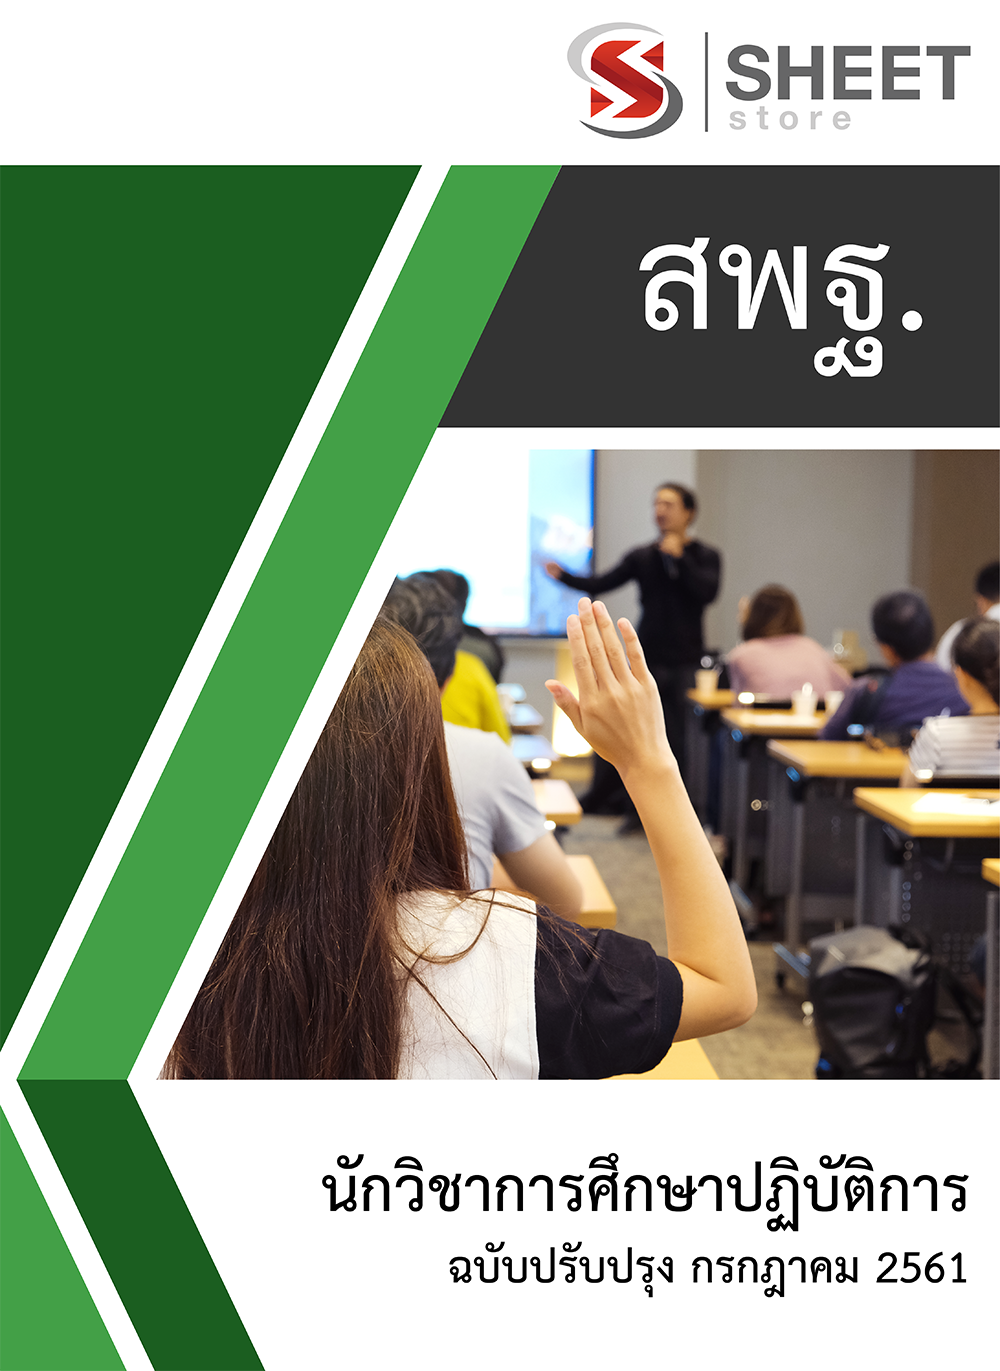 แนวข้อสอบ นักวิชาการศึกษาปฏิบัติการ สำนักงานคณะกรรมการการศึกษาขั้นพื้นฐาน (สพฐ.) กระทรวงศึกษาธิการ